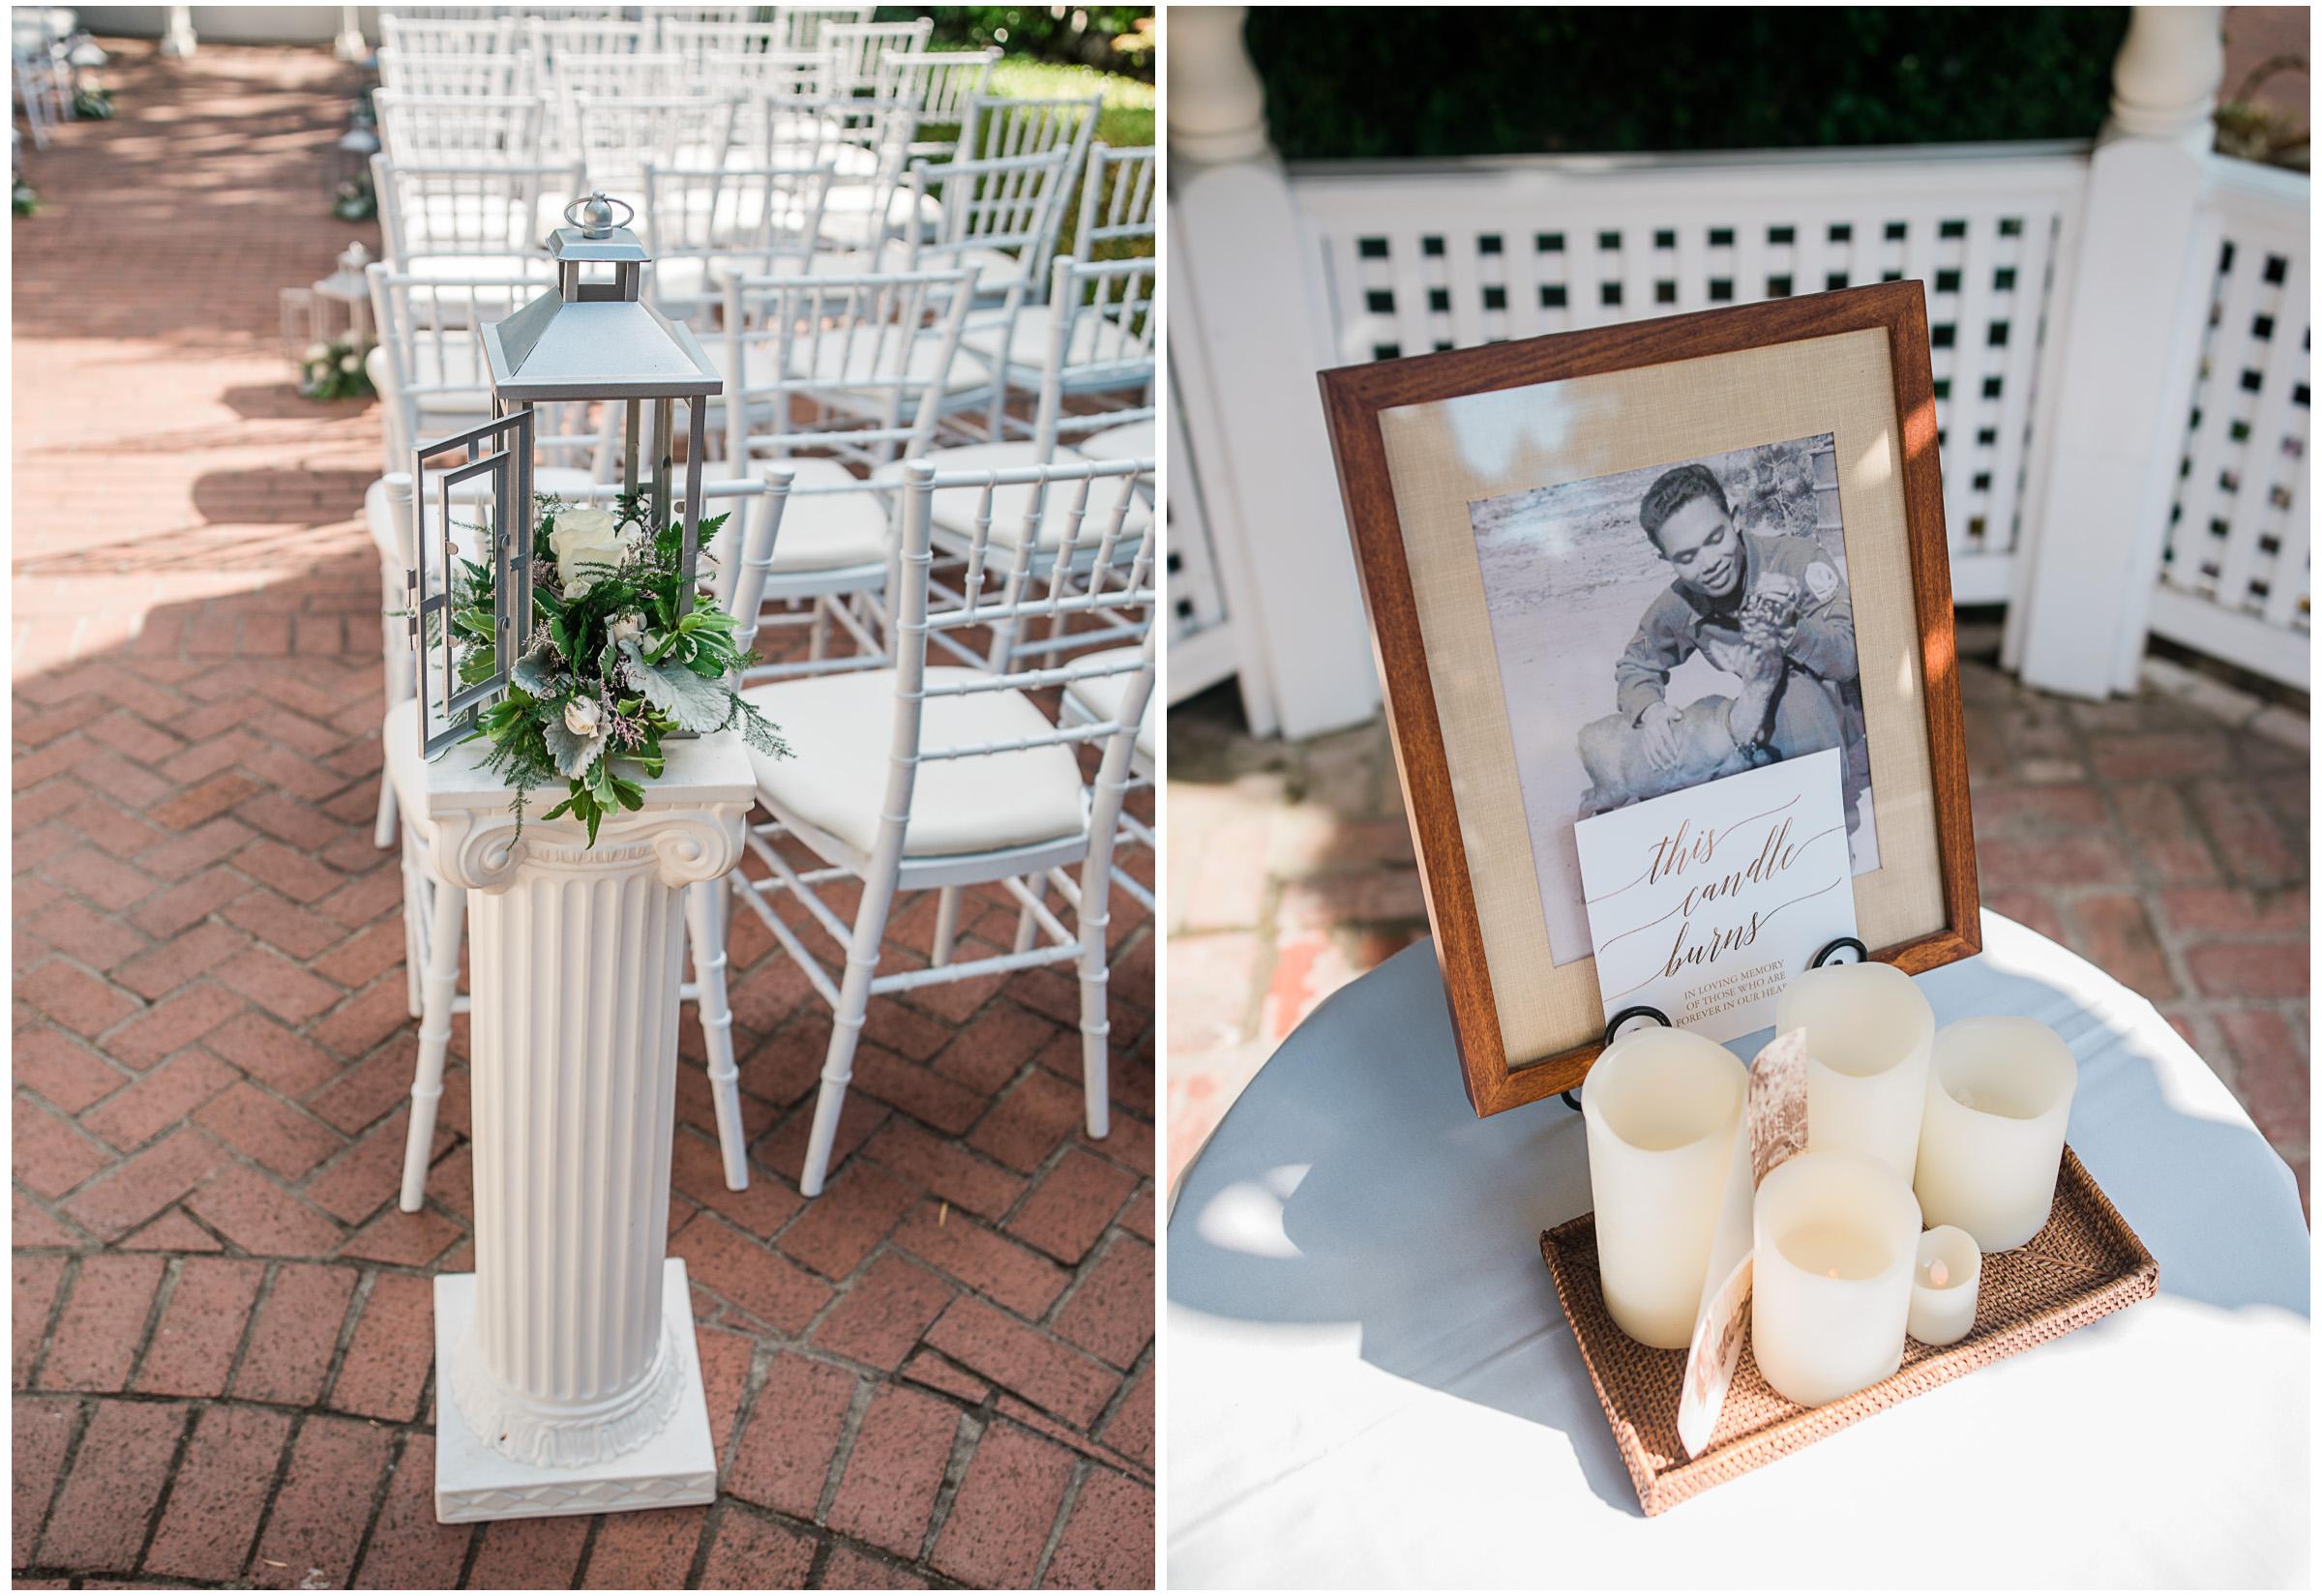 Sacramento Wedding - Sacramento Photographer - Vizcaya - Justin Wilcox Photography - 2.jpg